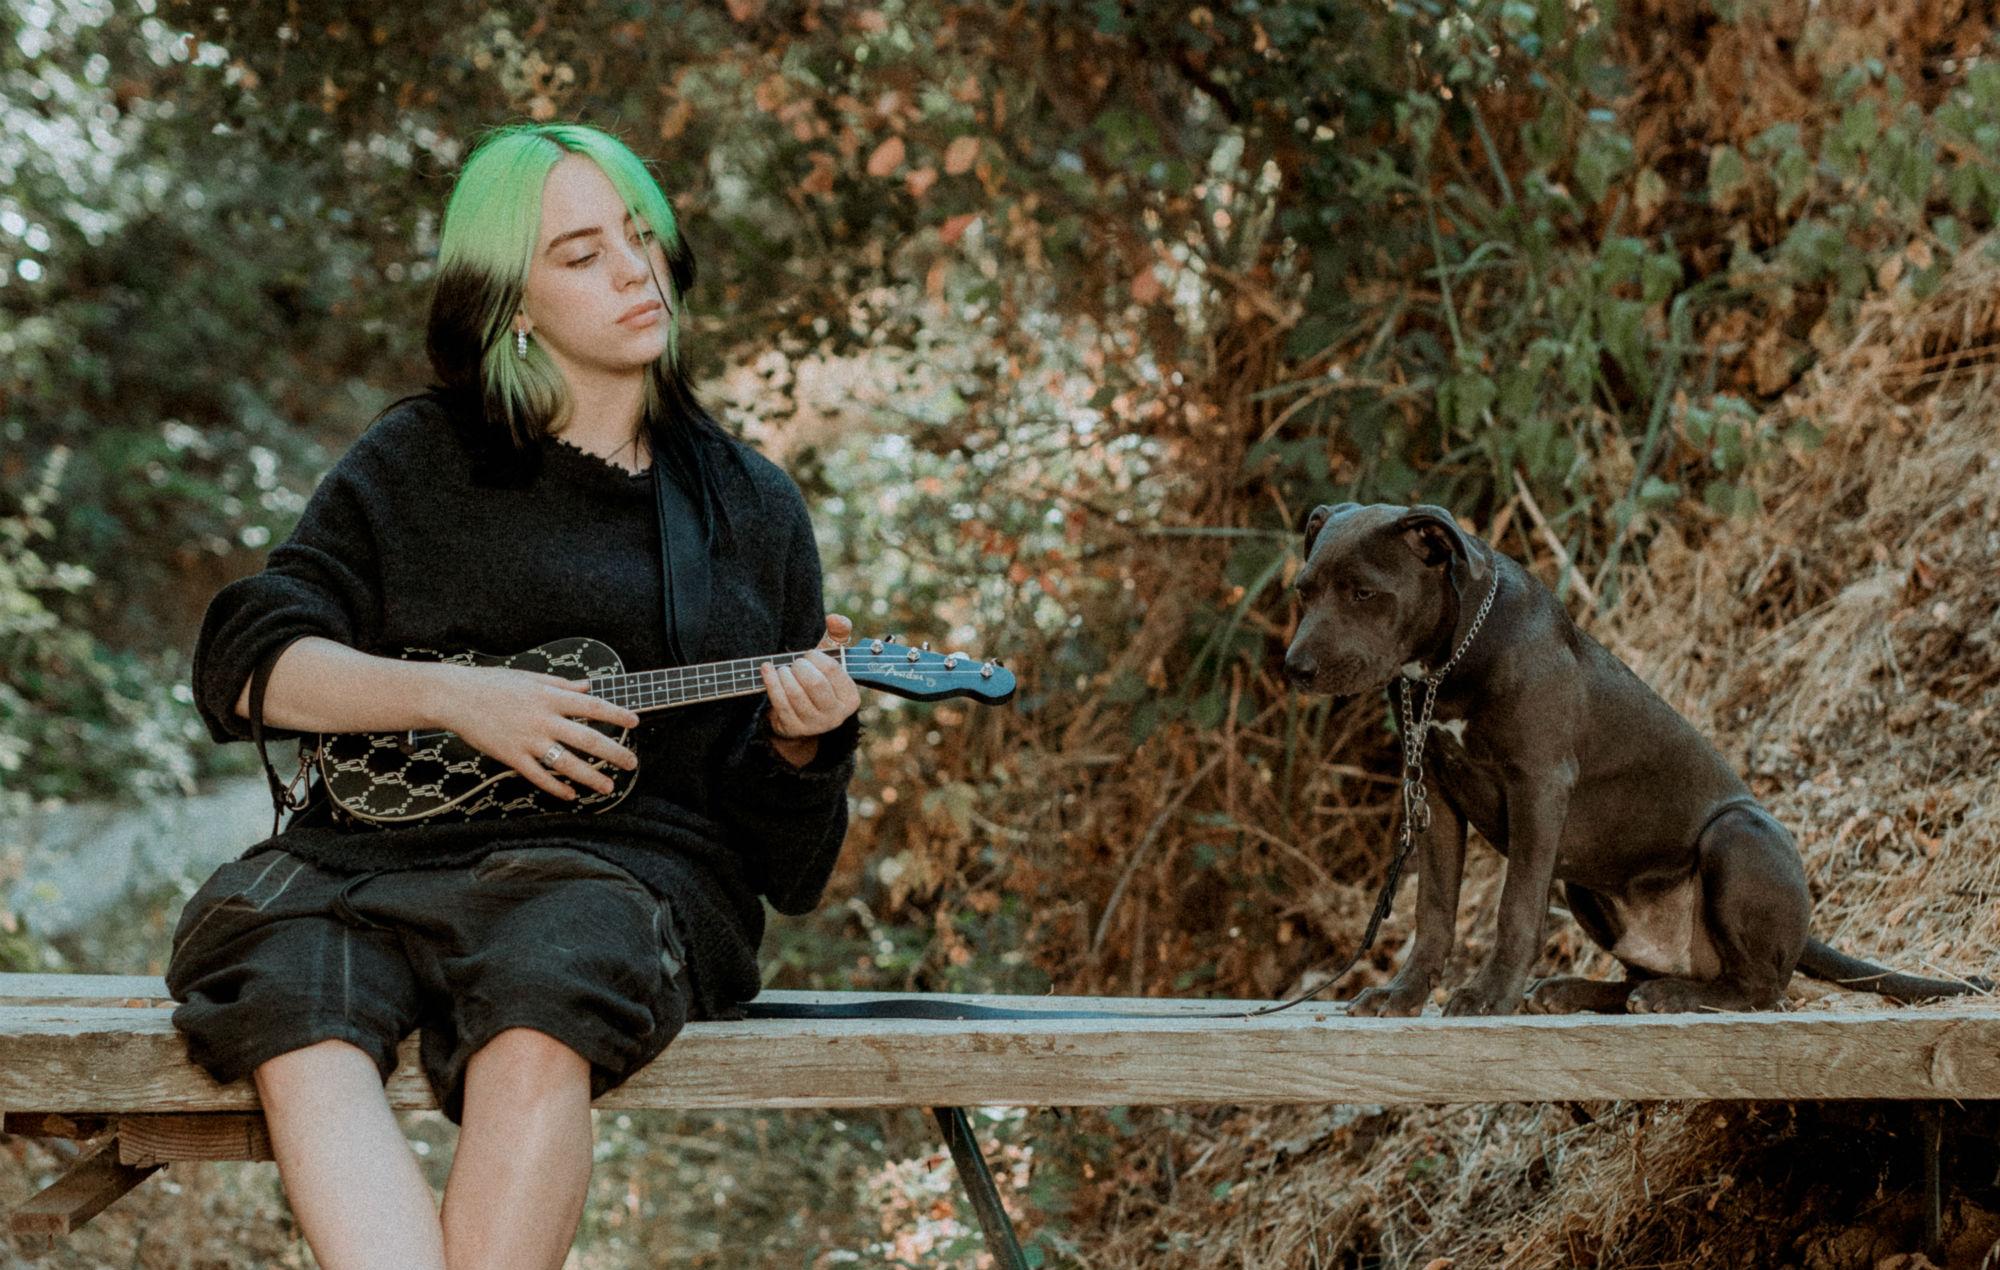 billie eilish ukulele